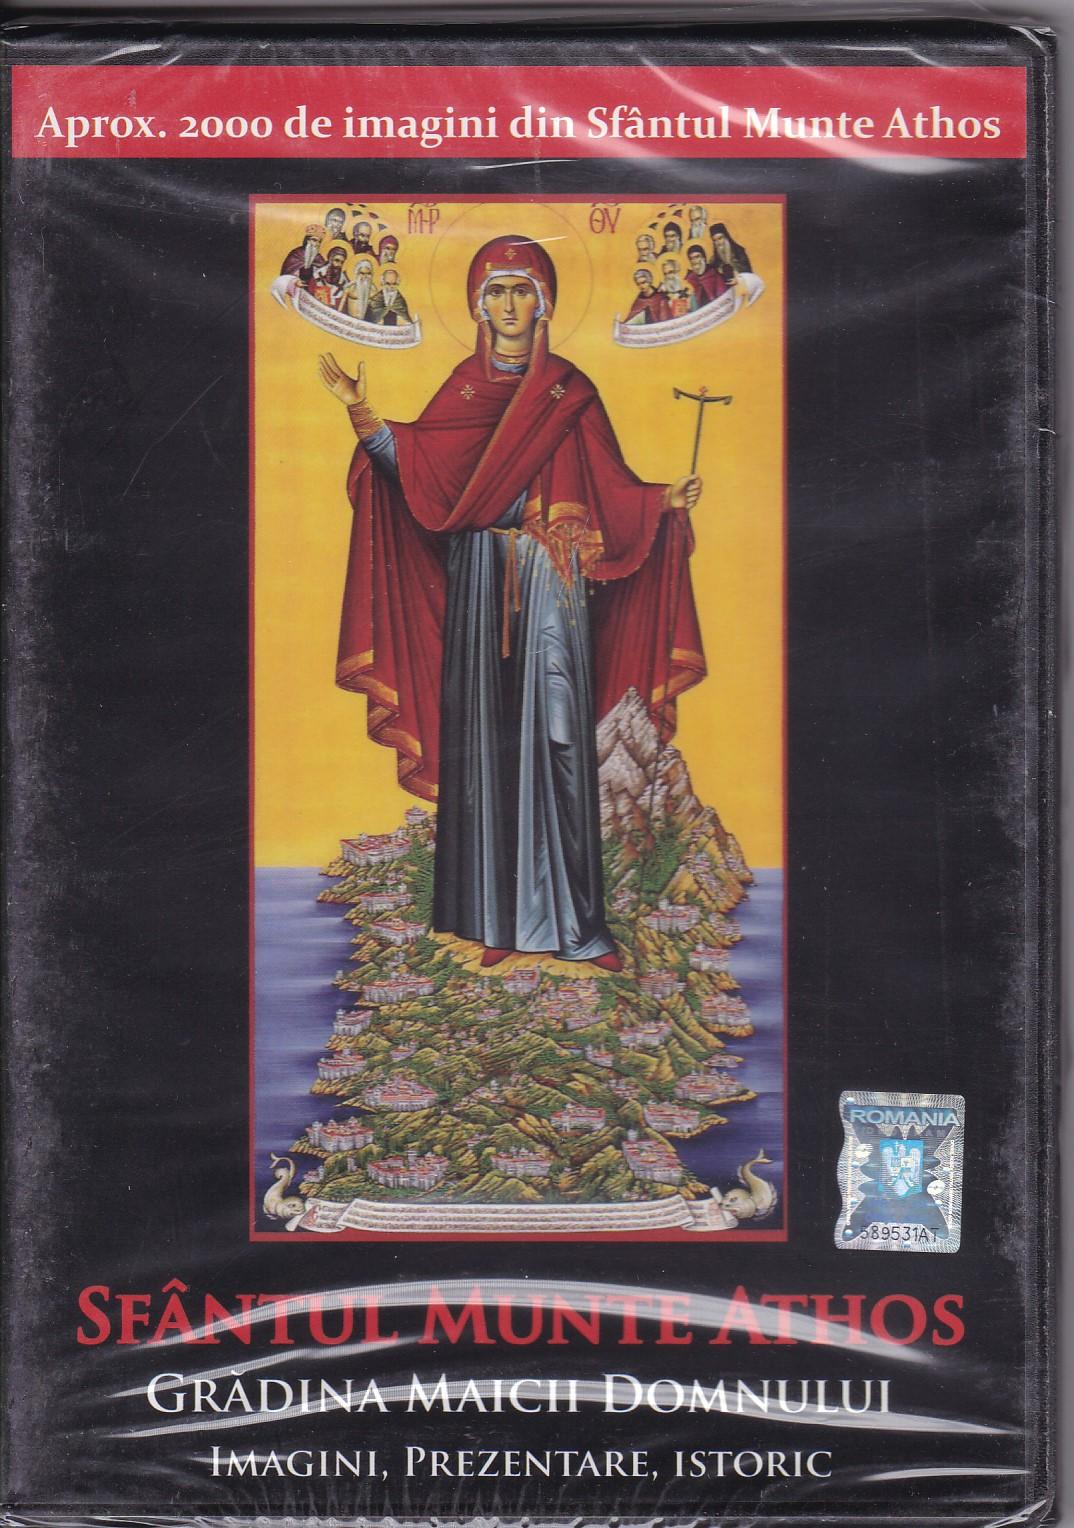 DVD - Sfantul Munte Athos Gradina Maicii Domnului- imagini, prezentare, istoric